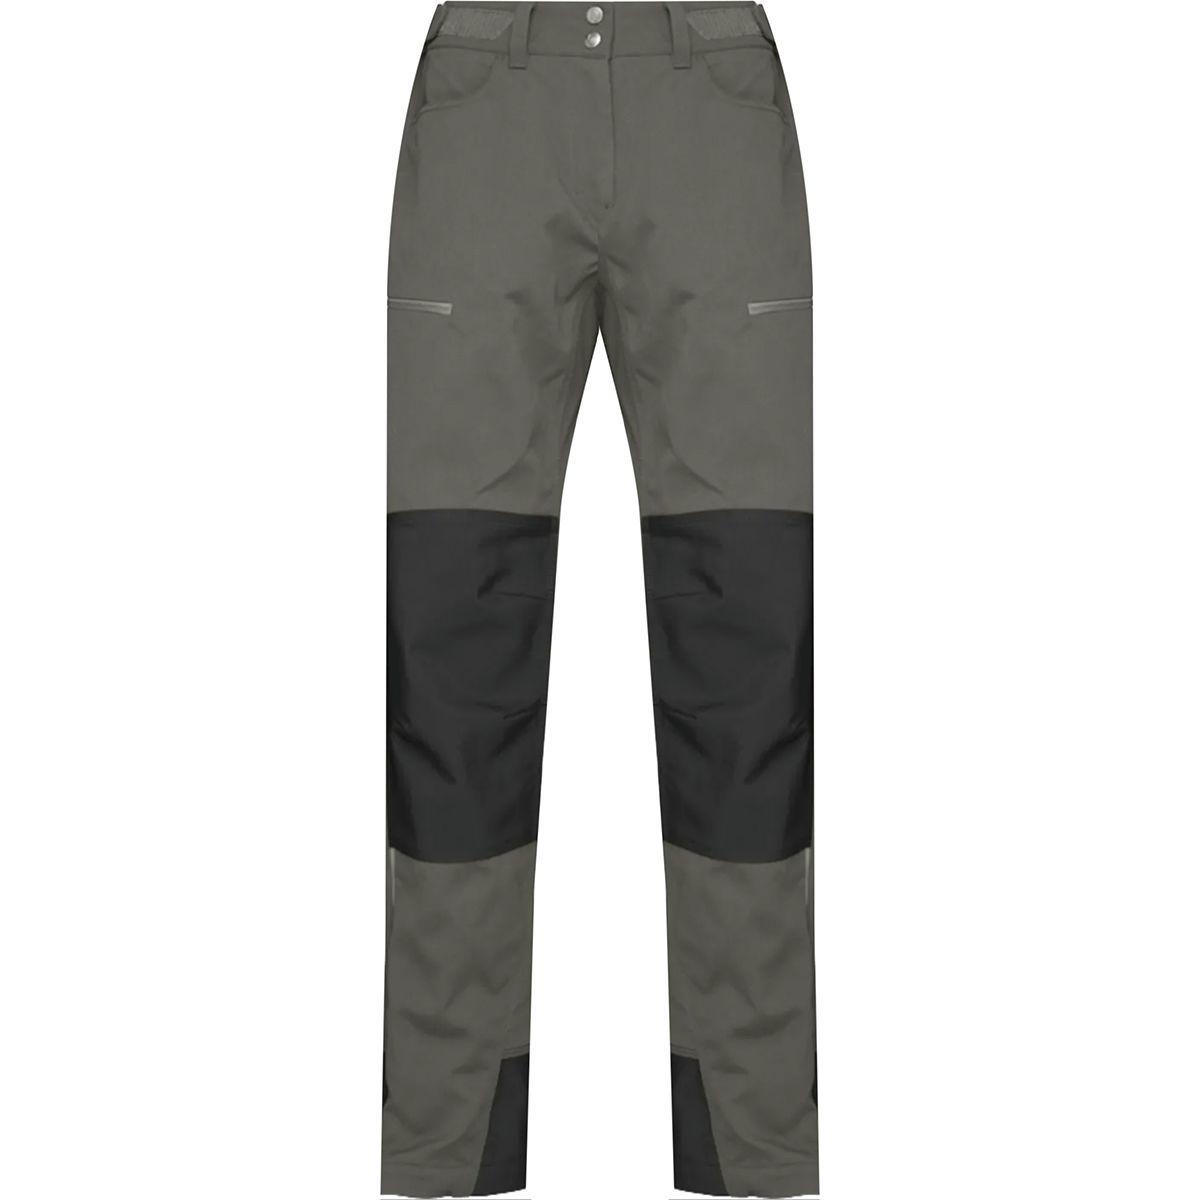 Norrona Svalbard Heavy Duty Pant - Men's